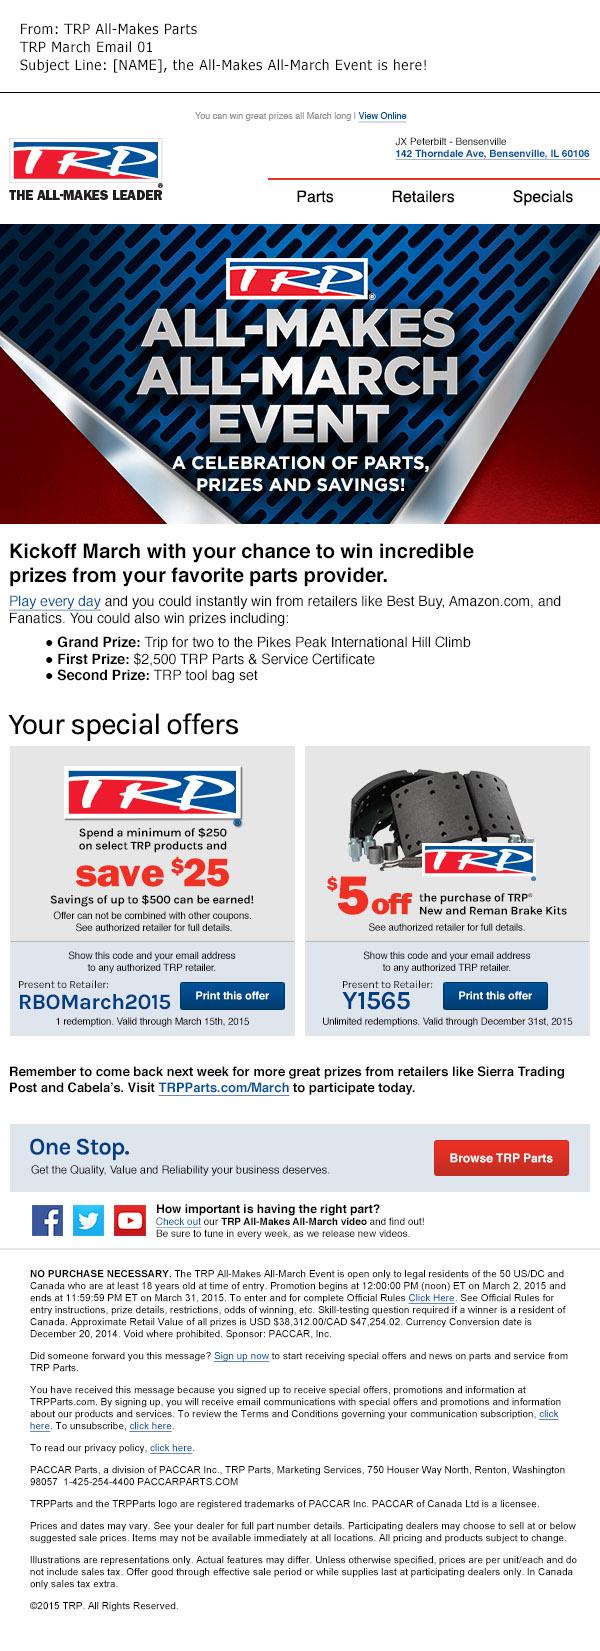 TRP_MarchPromoEmail01_EN.jpg